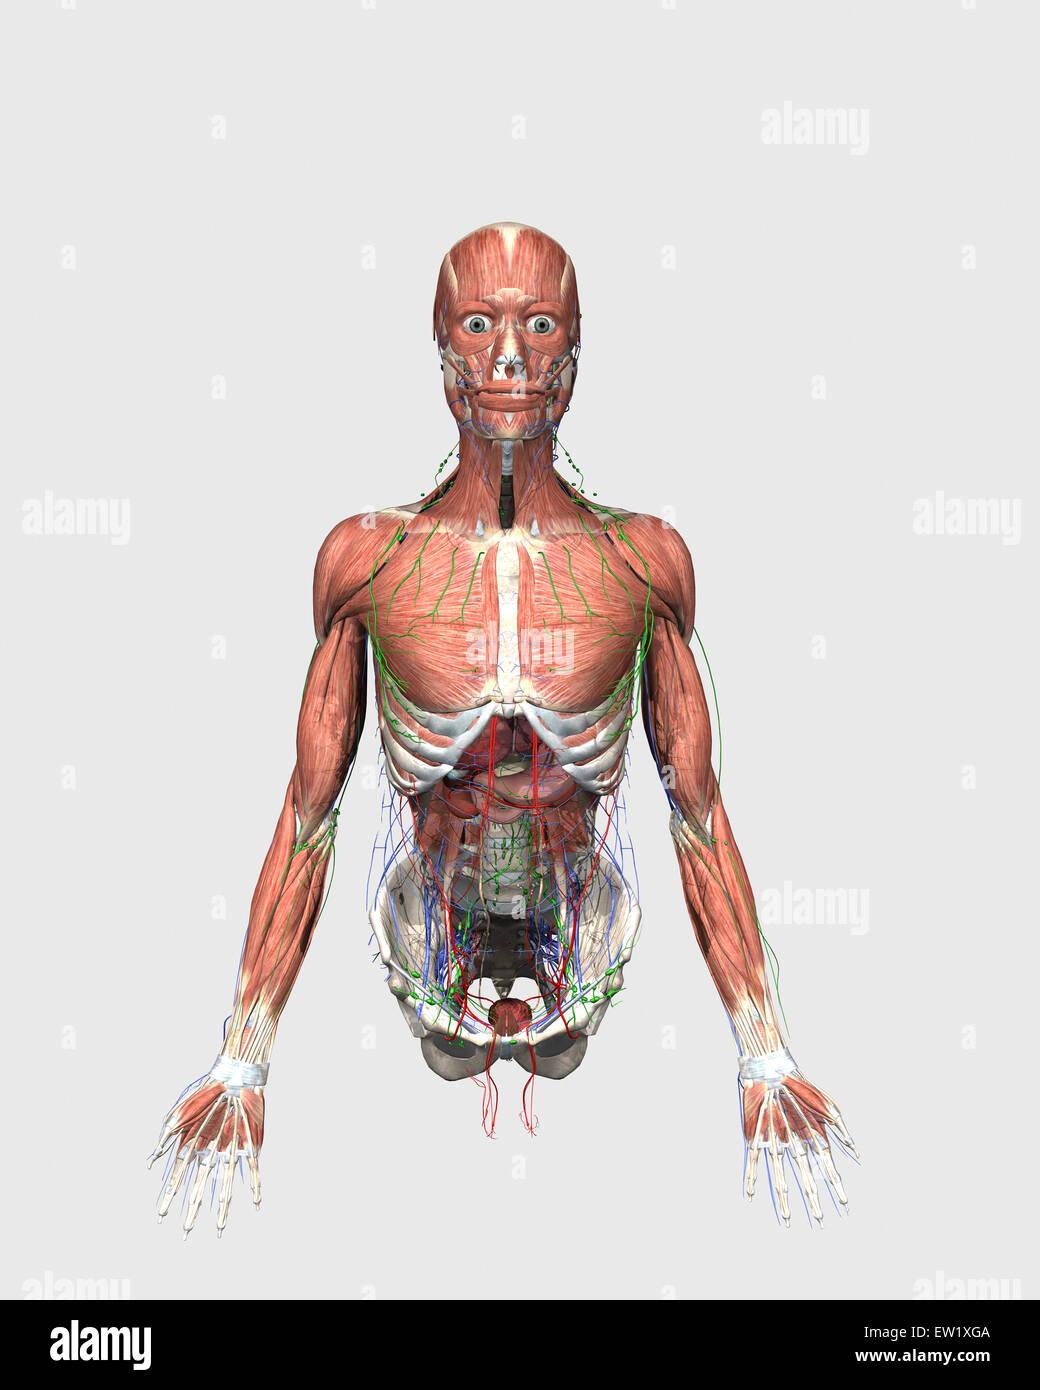 Medizinische Illustration der menschlichen Oberkörper mit Muskeln ...